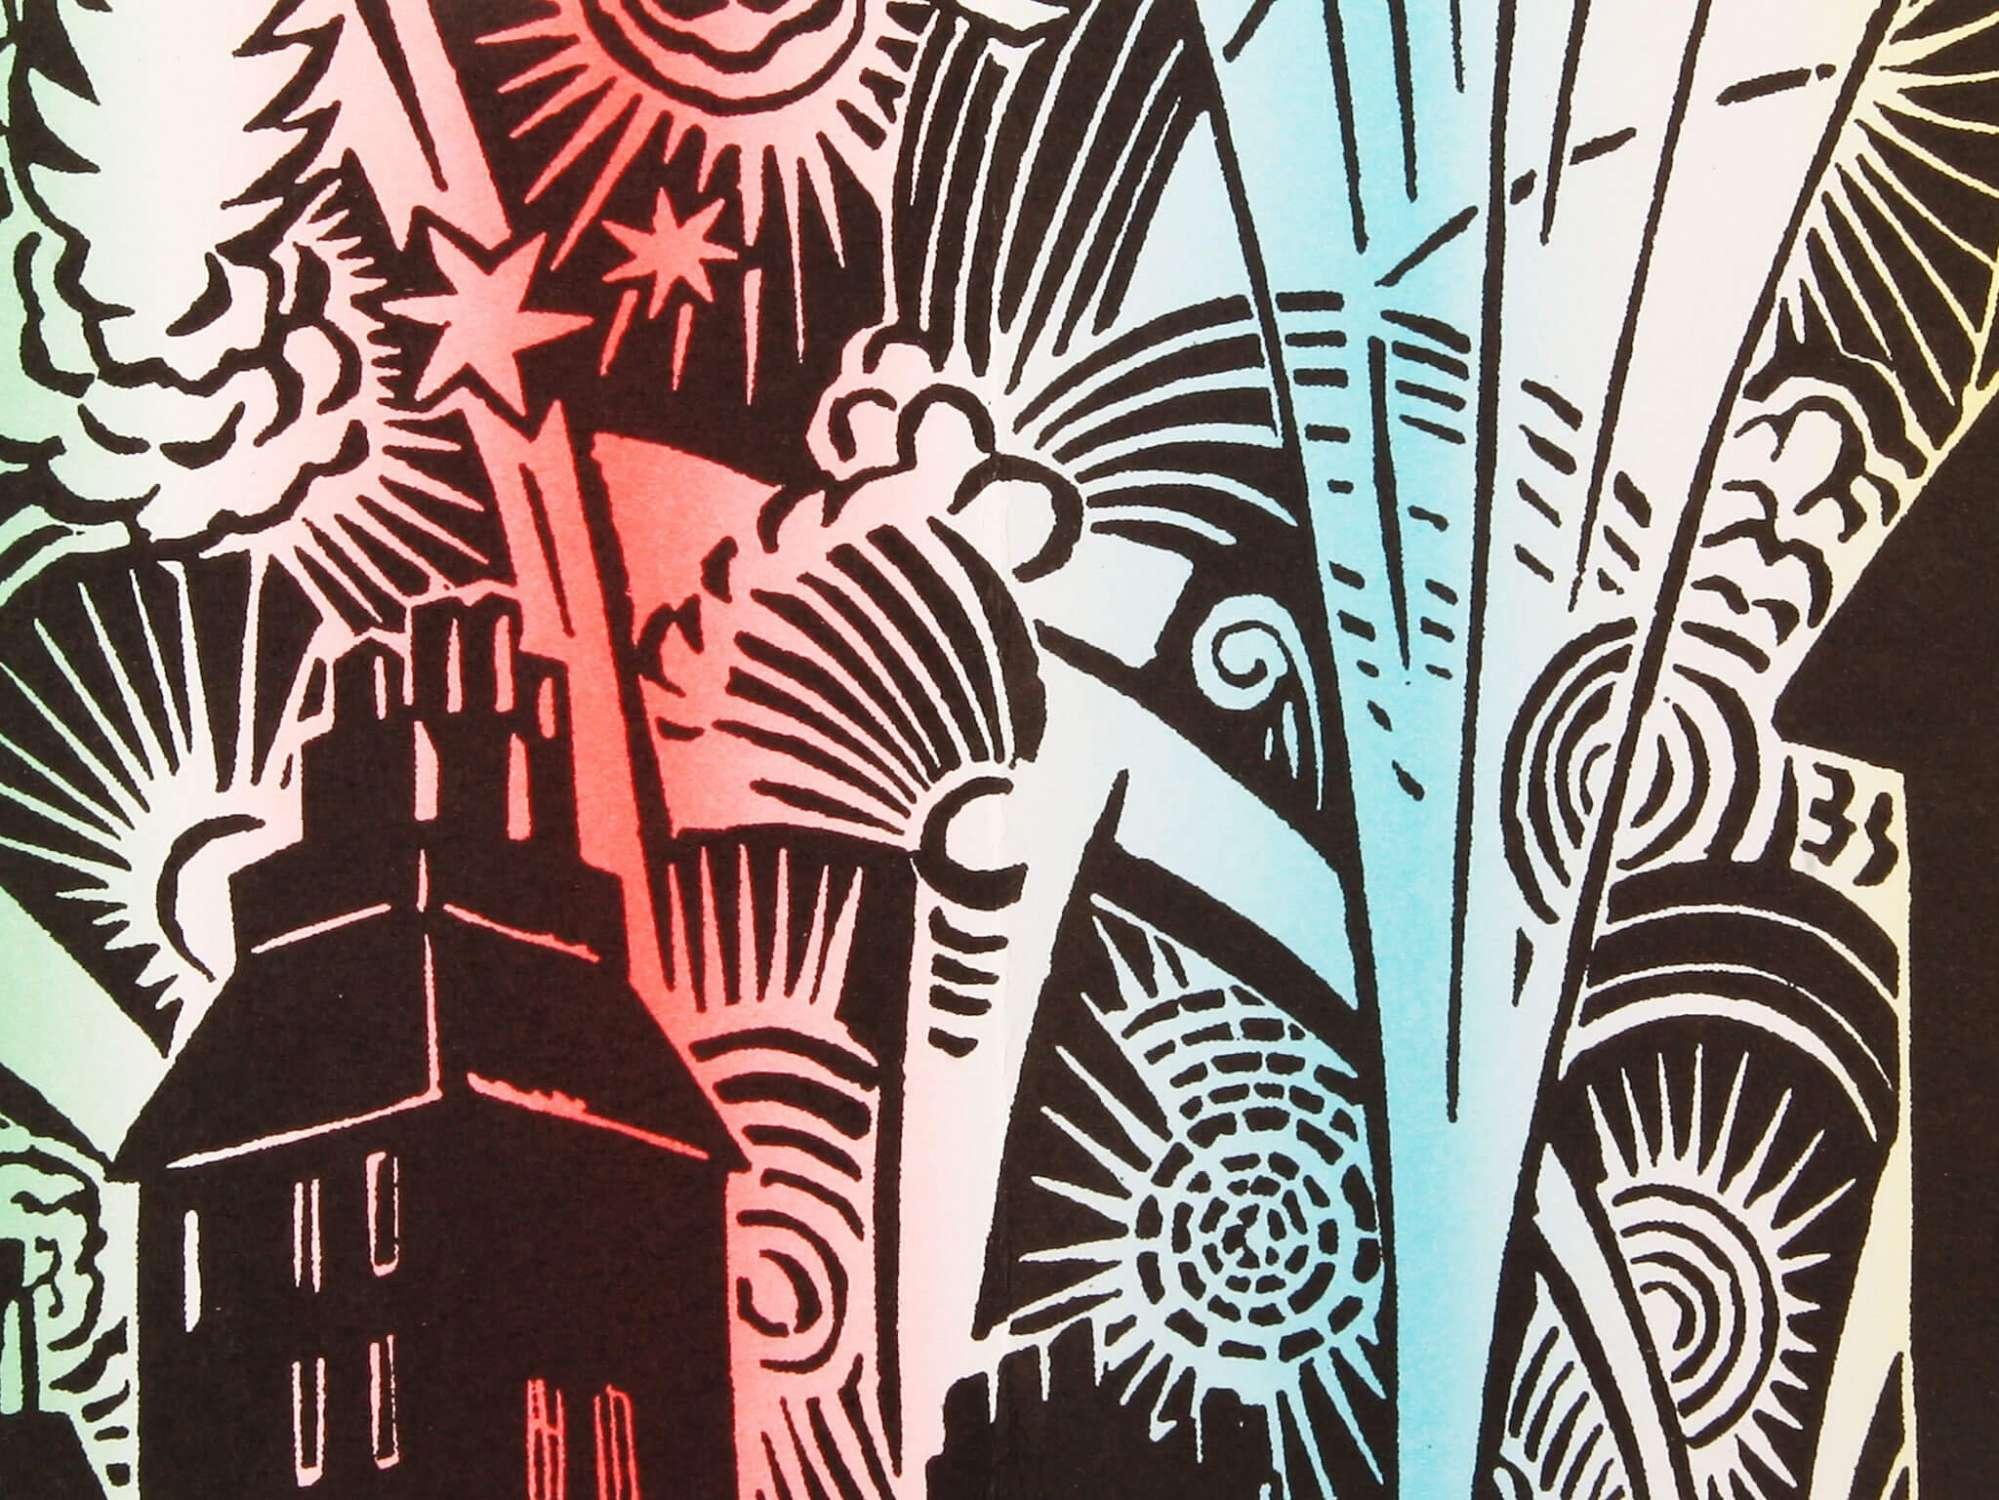 Frans Masereel Mon livre d'heures Page de garde bois gravé détail couleur